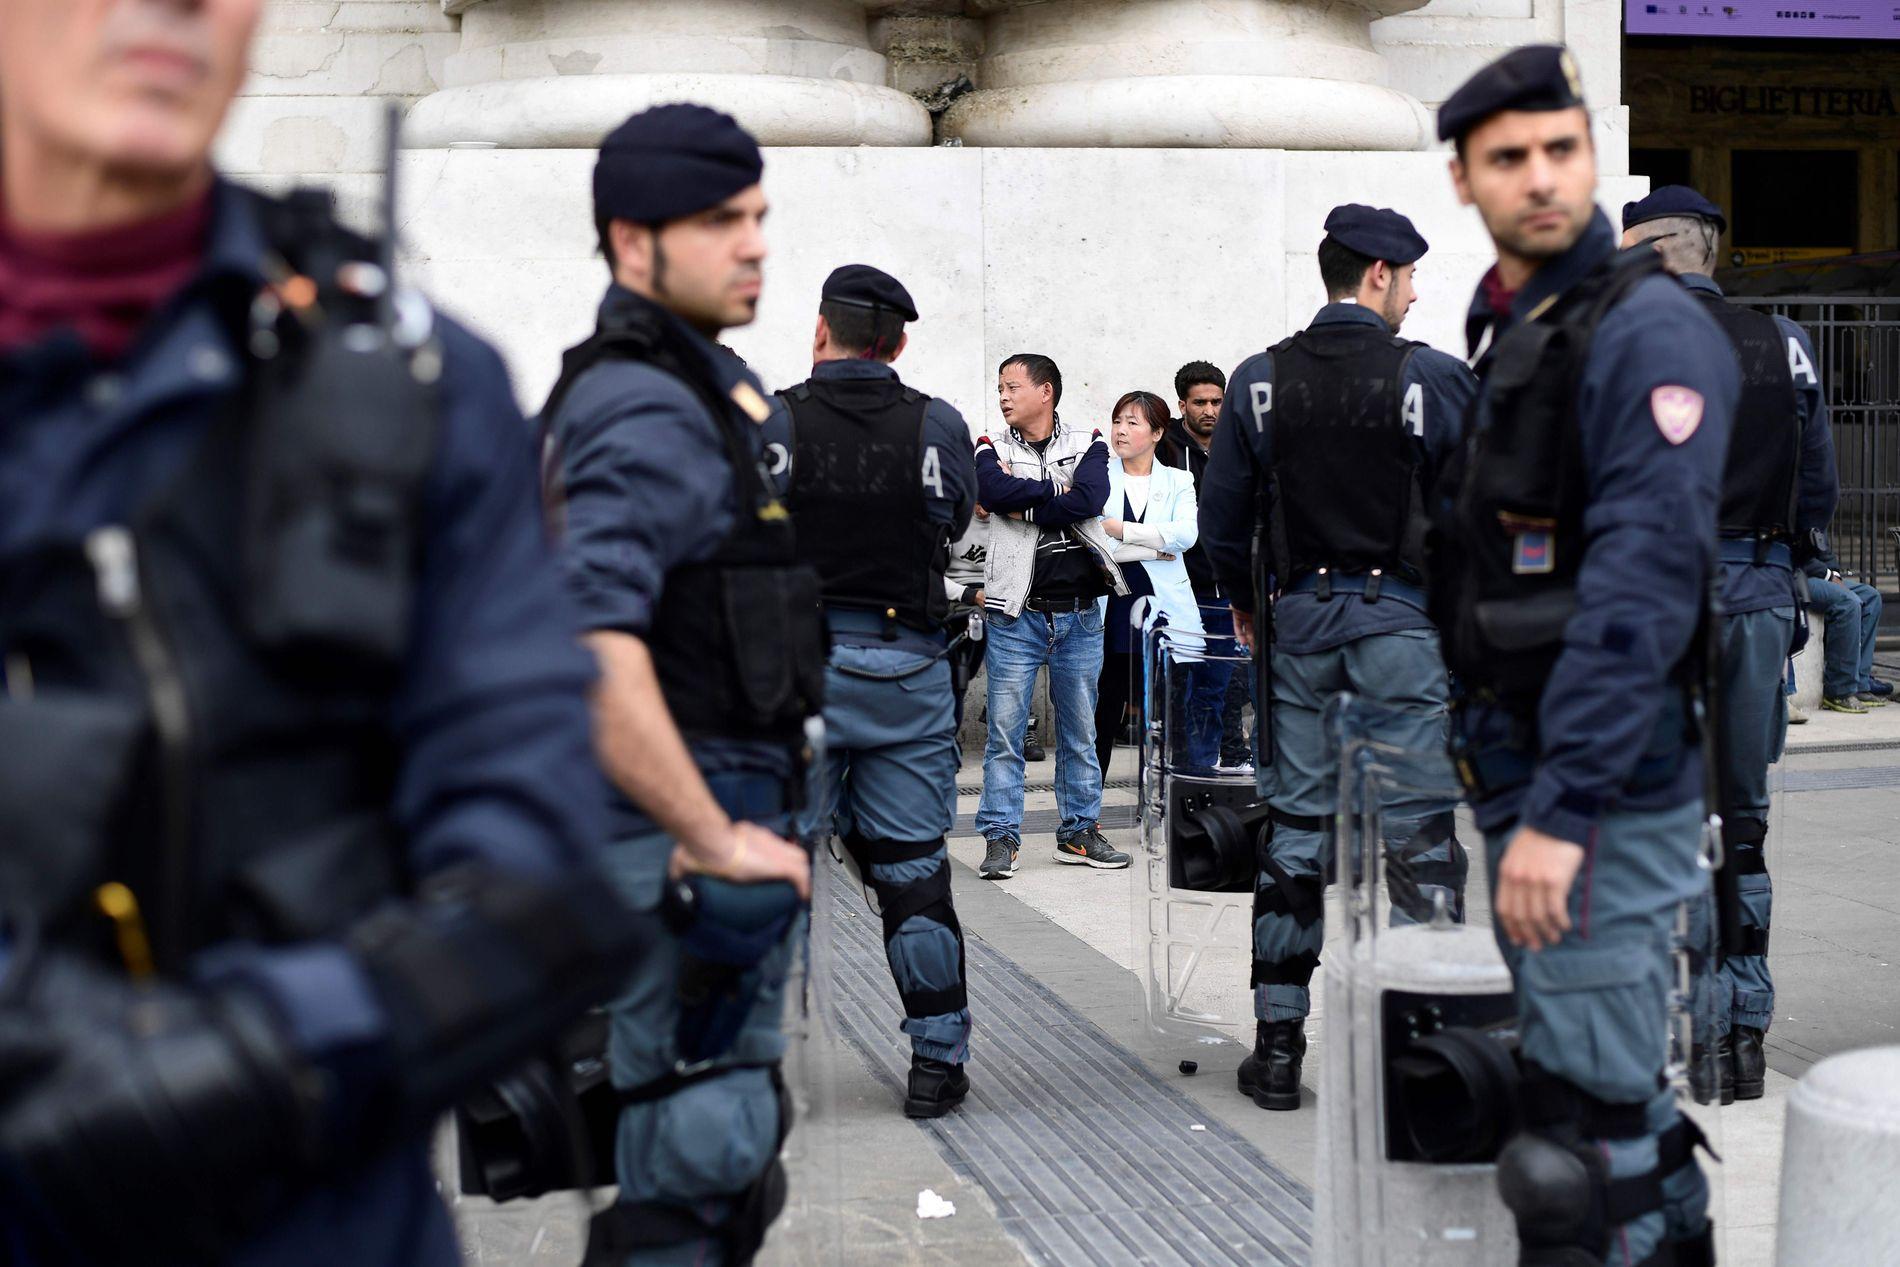 ID-KONTROLL: Italienske politibetjenter kontrollerer identiteten til immigranter på sentralstasjonen i Milano. Italia står midt i en migrasjonskrise. Ikke en flyktningkrise. Svært få av de nærmere 100000 menneskene som har kommet over Middelhavet til Italia siden årsskiftet, har beskyttelsesbehov som gir grunnlag for opphold. FOTO: AFP